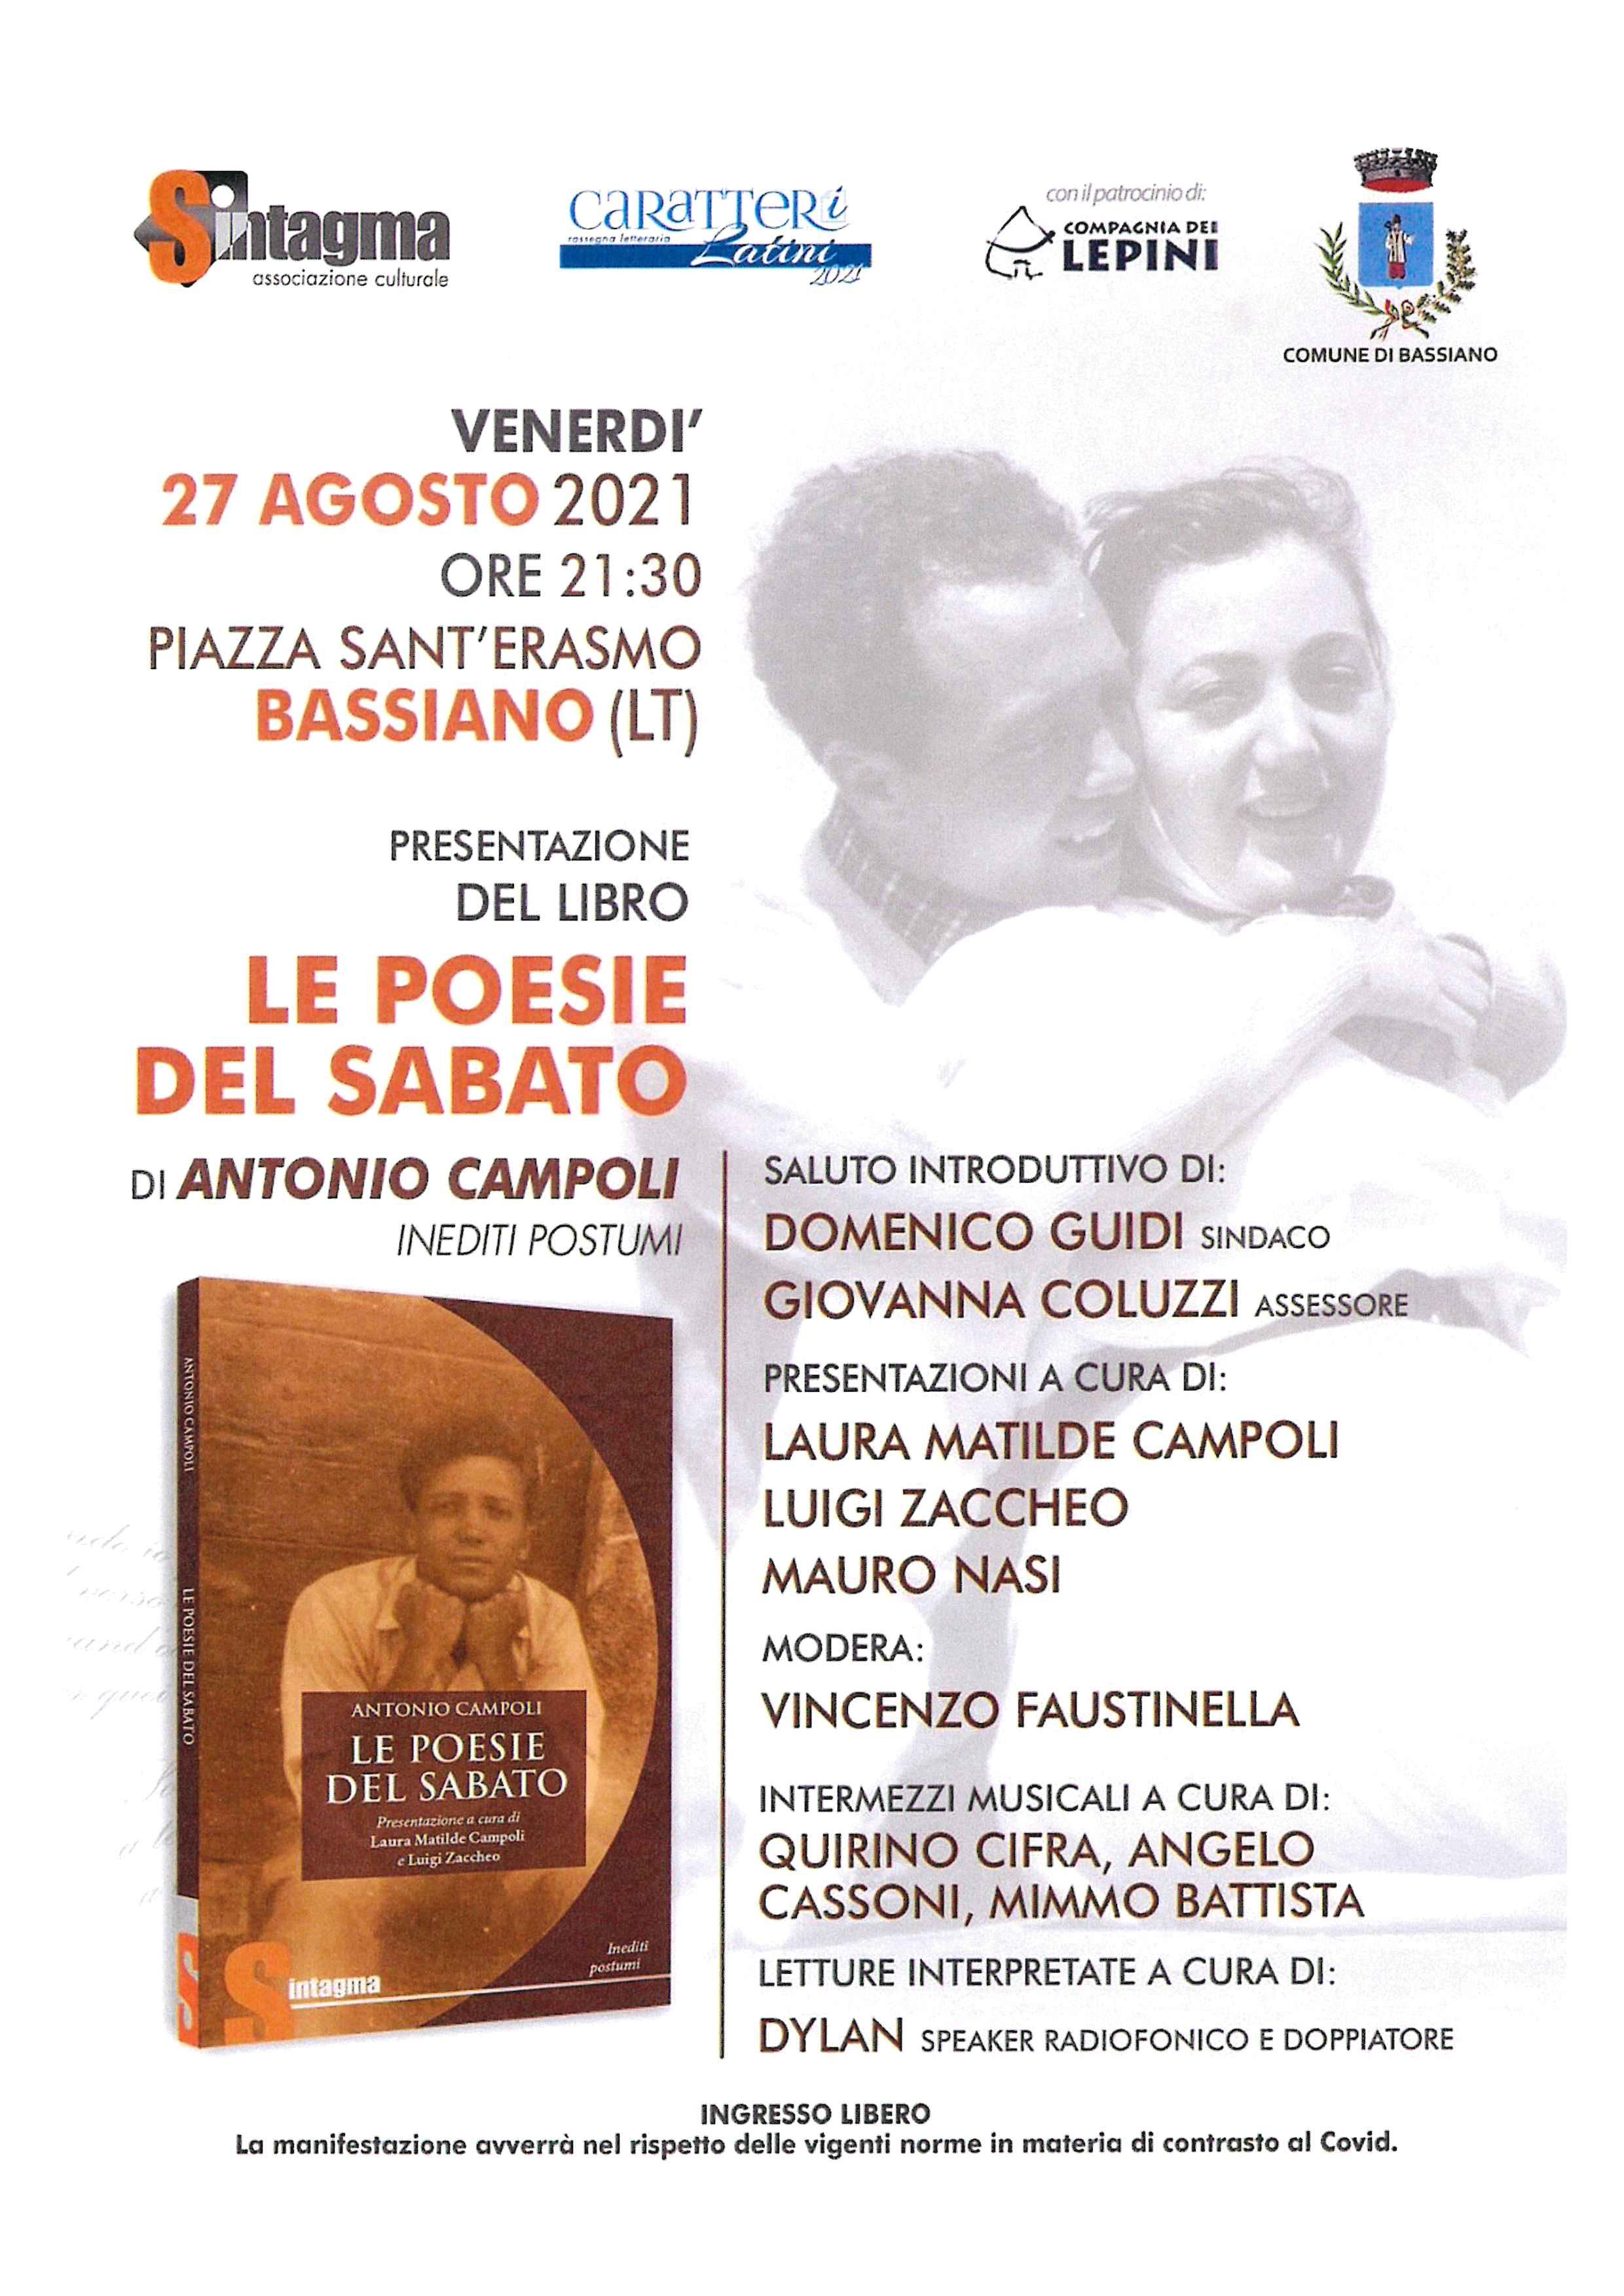 le poesie del sabato di Antoni Campoli - 27 Agosto